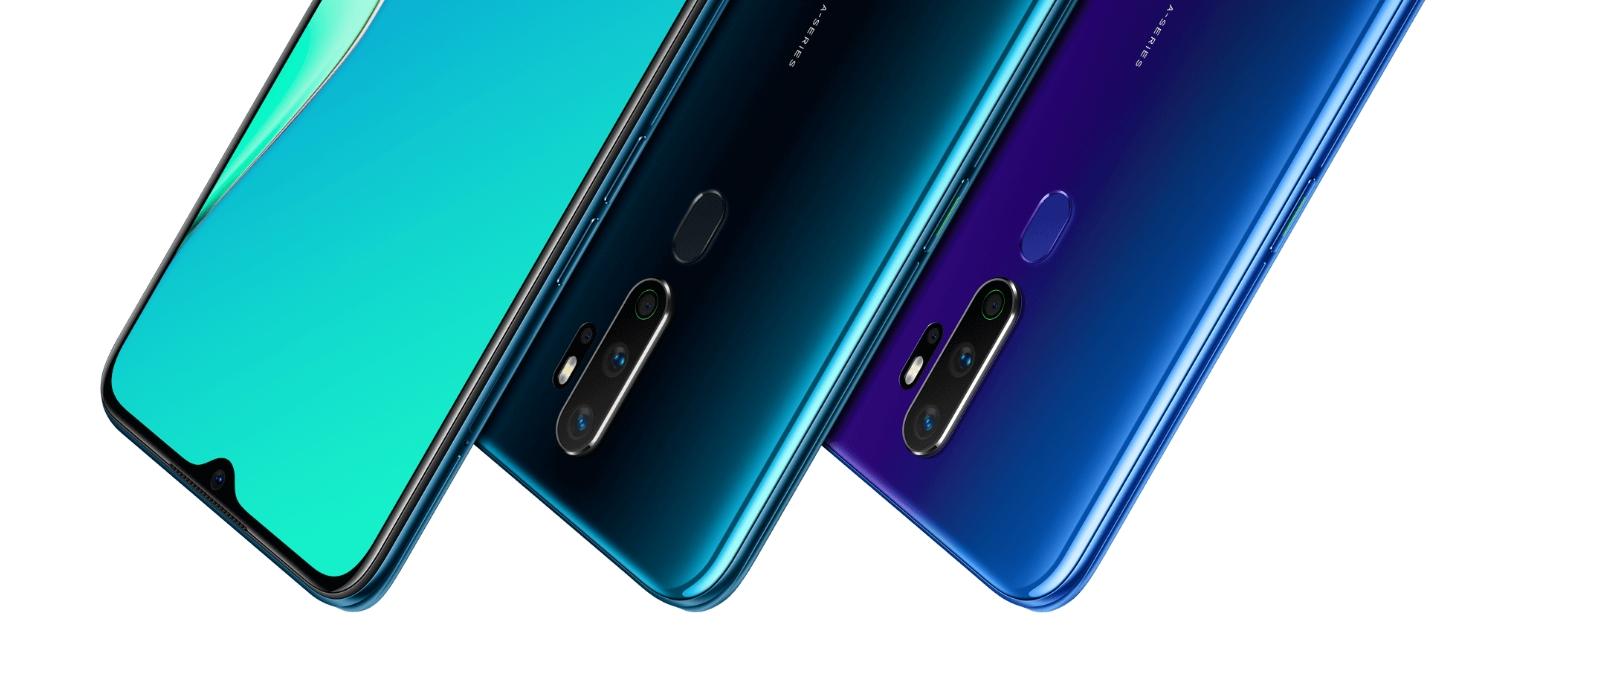 Смартфоны из Китая. Лидеры продаж на конец 2019 года - три смартфона oppo a5 2020